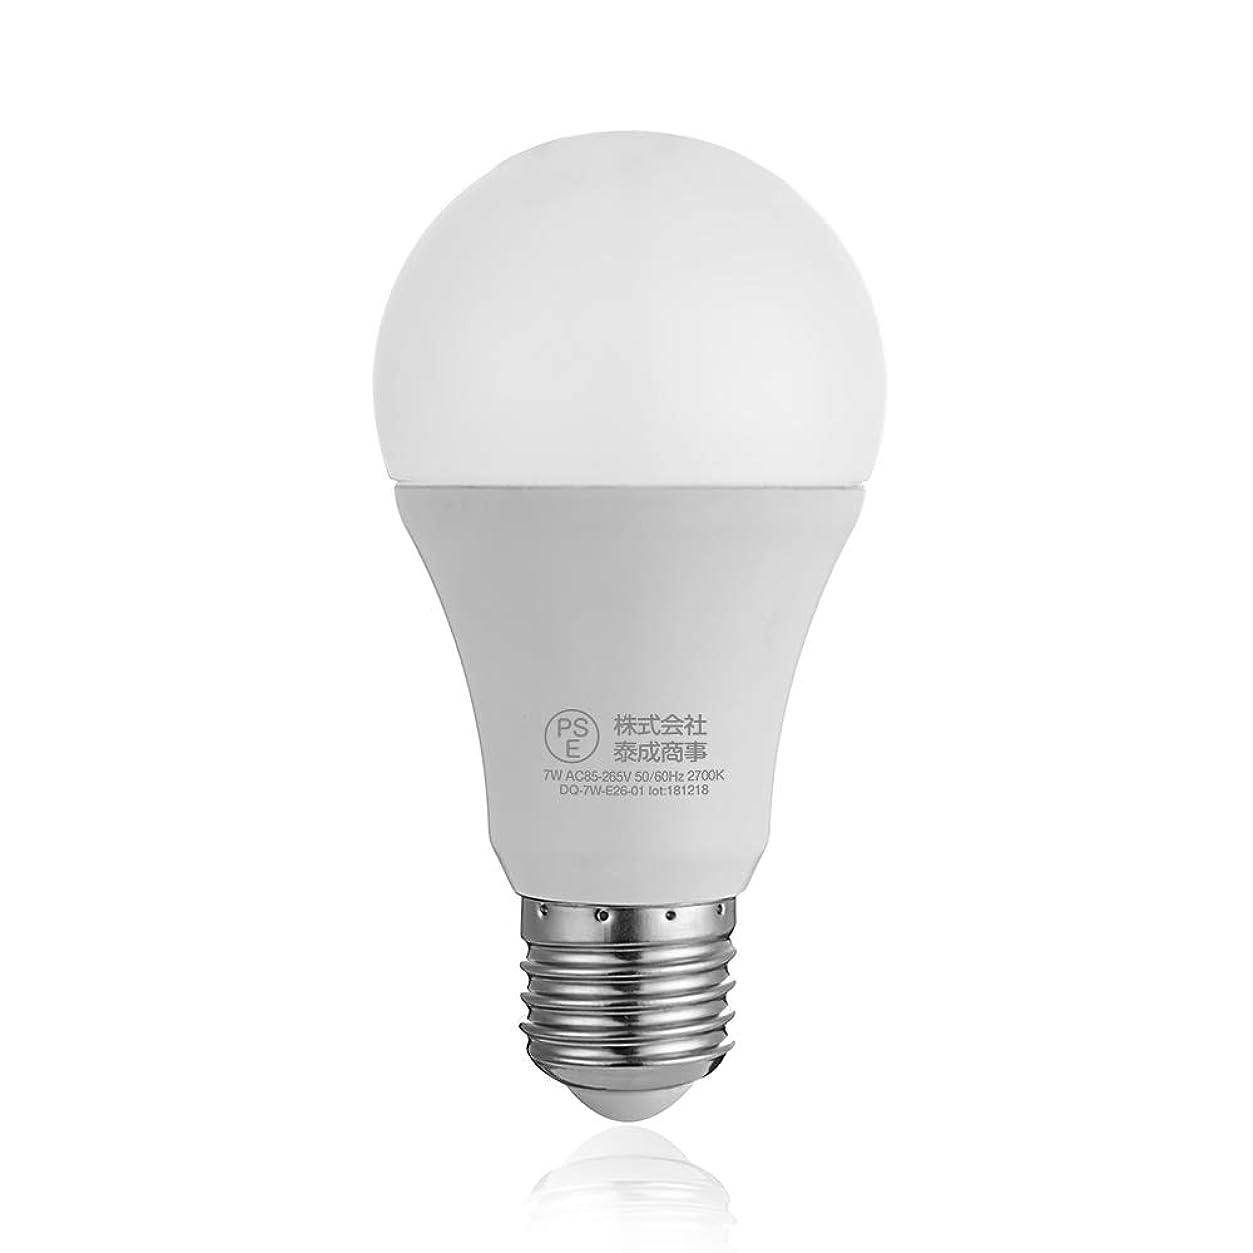 有効タクトアクチュエータLED 電球 センサー e26 明暗センサーライト 50W形相当 電球色 7w 常夜灯 自動点灯&消灯 光センサー